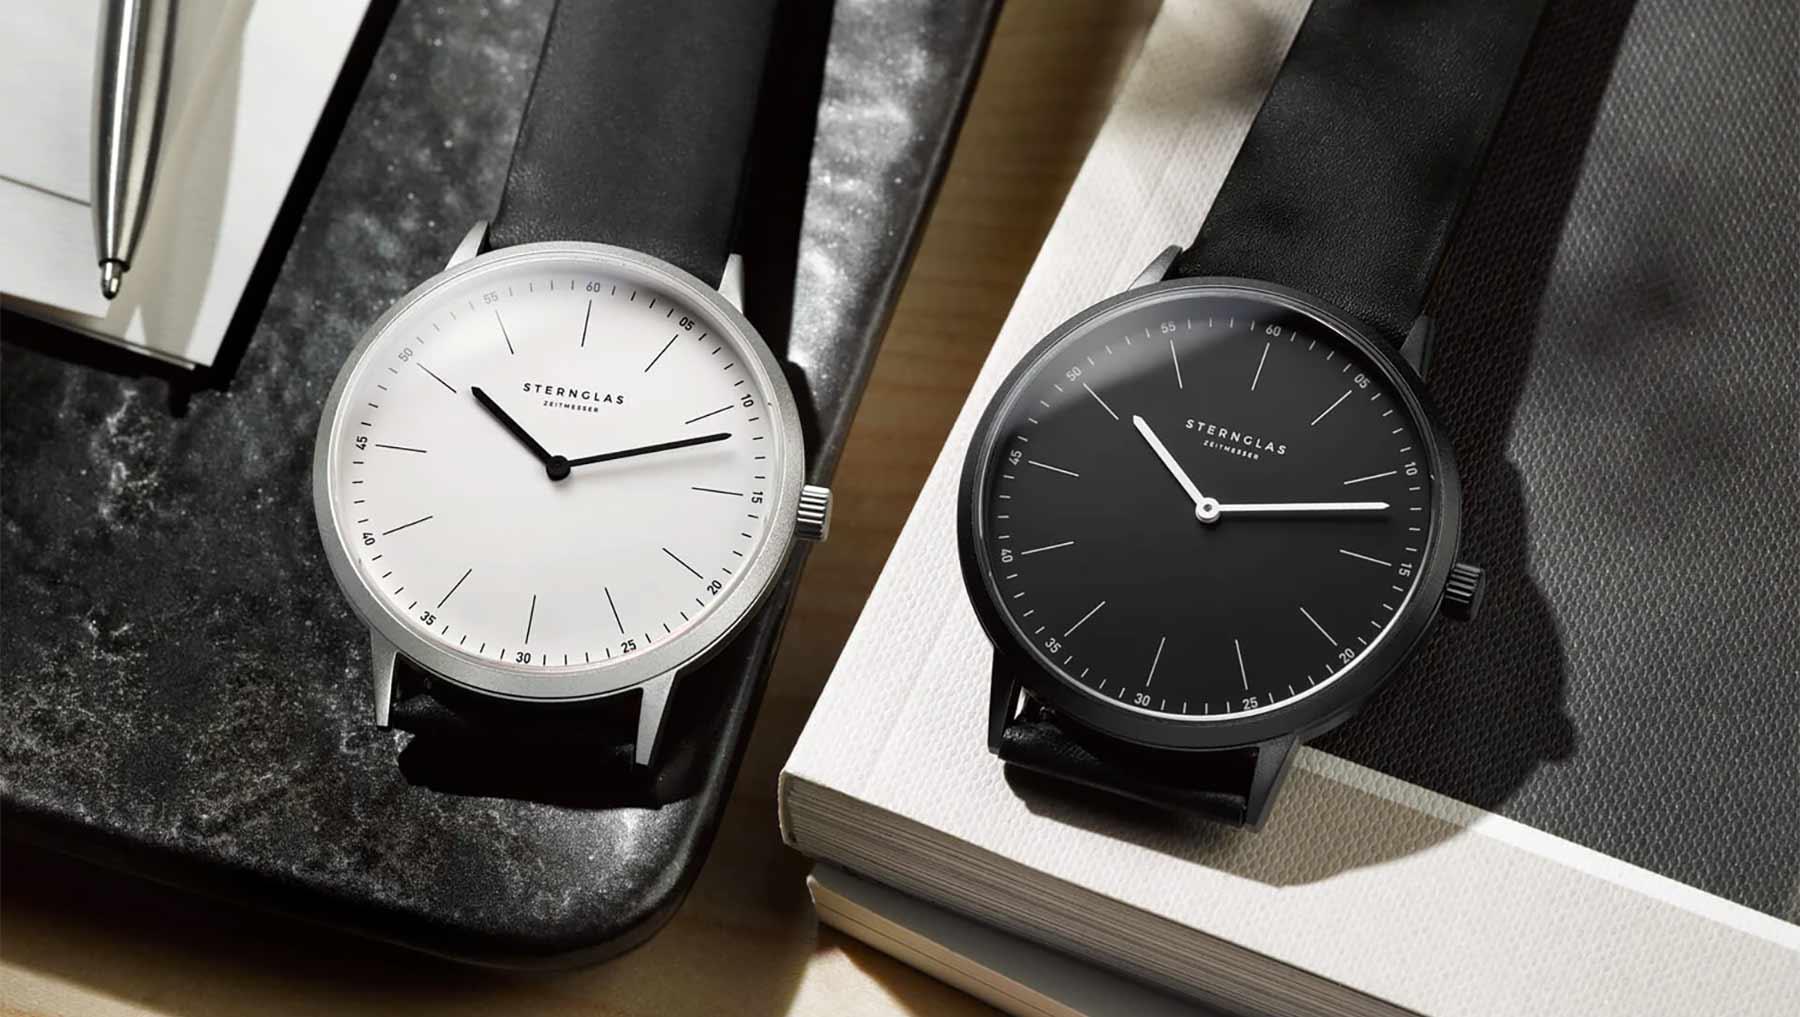 Extra leichte Armbanduhr im Bauhausdesign: Die neue STERNGLAS Modesto Sternglas_Modesto_Armbanduhr_Test_06-1